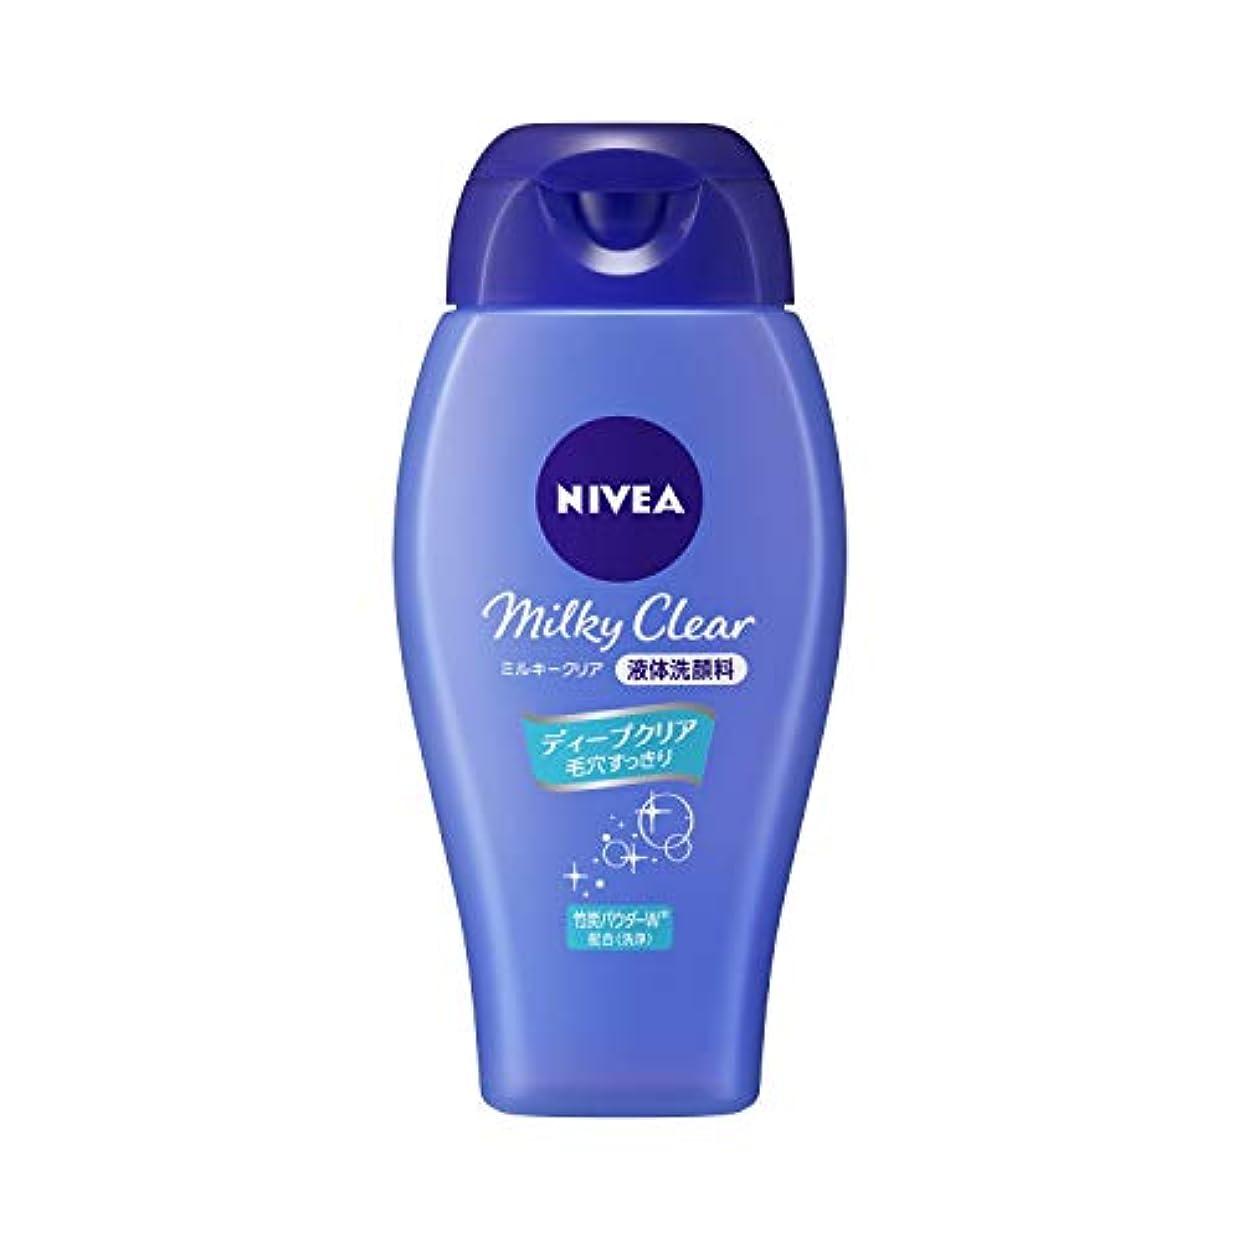 新年グラマー下線ニベア ミルキークリア洗顔料 ディープクリア 本体 シトラスハーブの香り 150ml